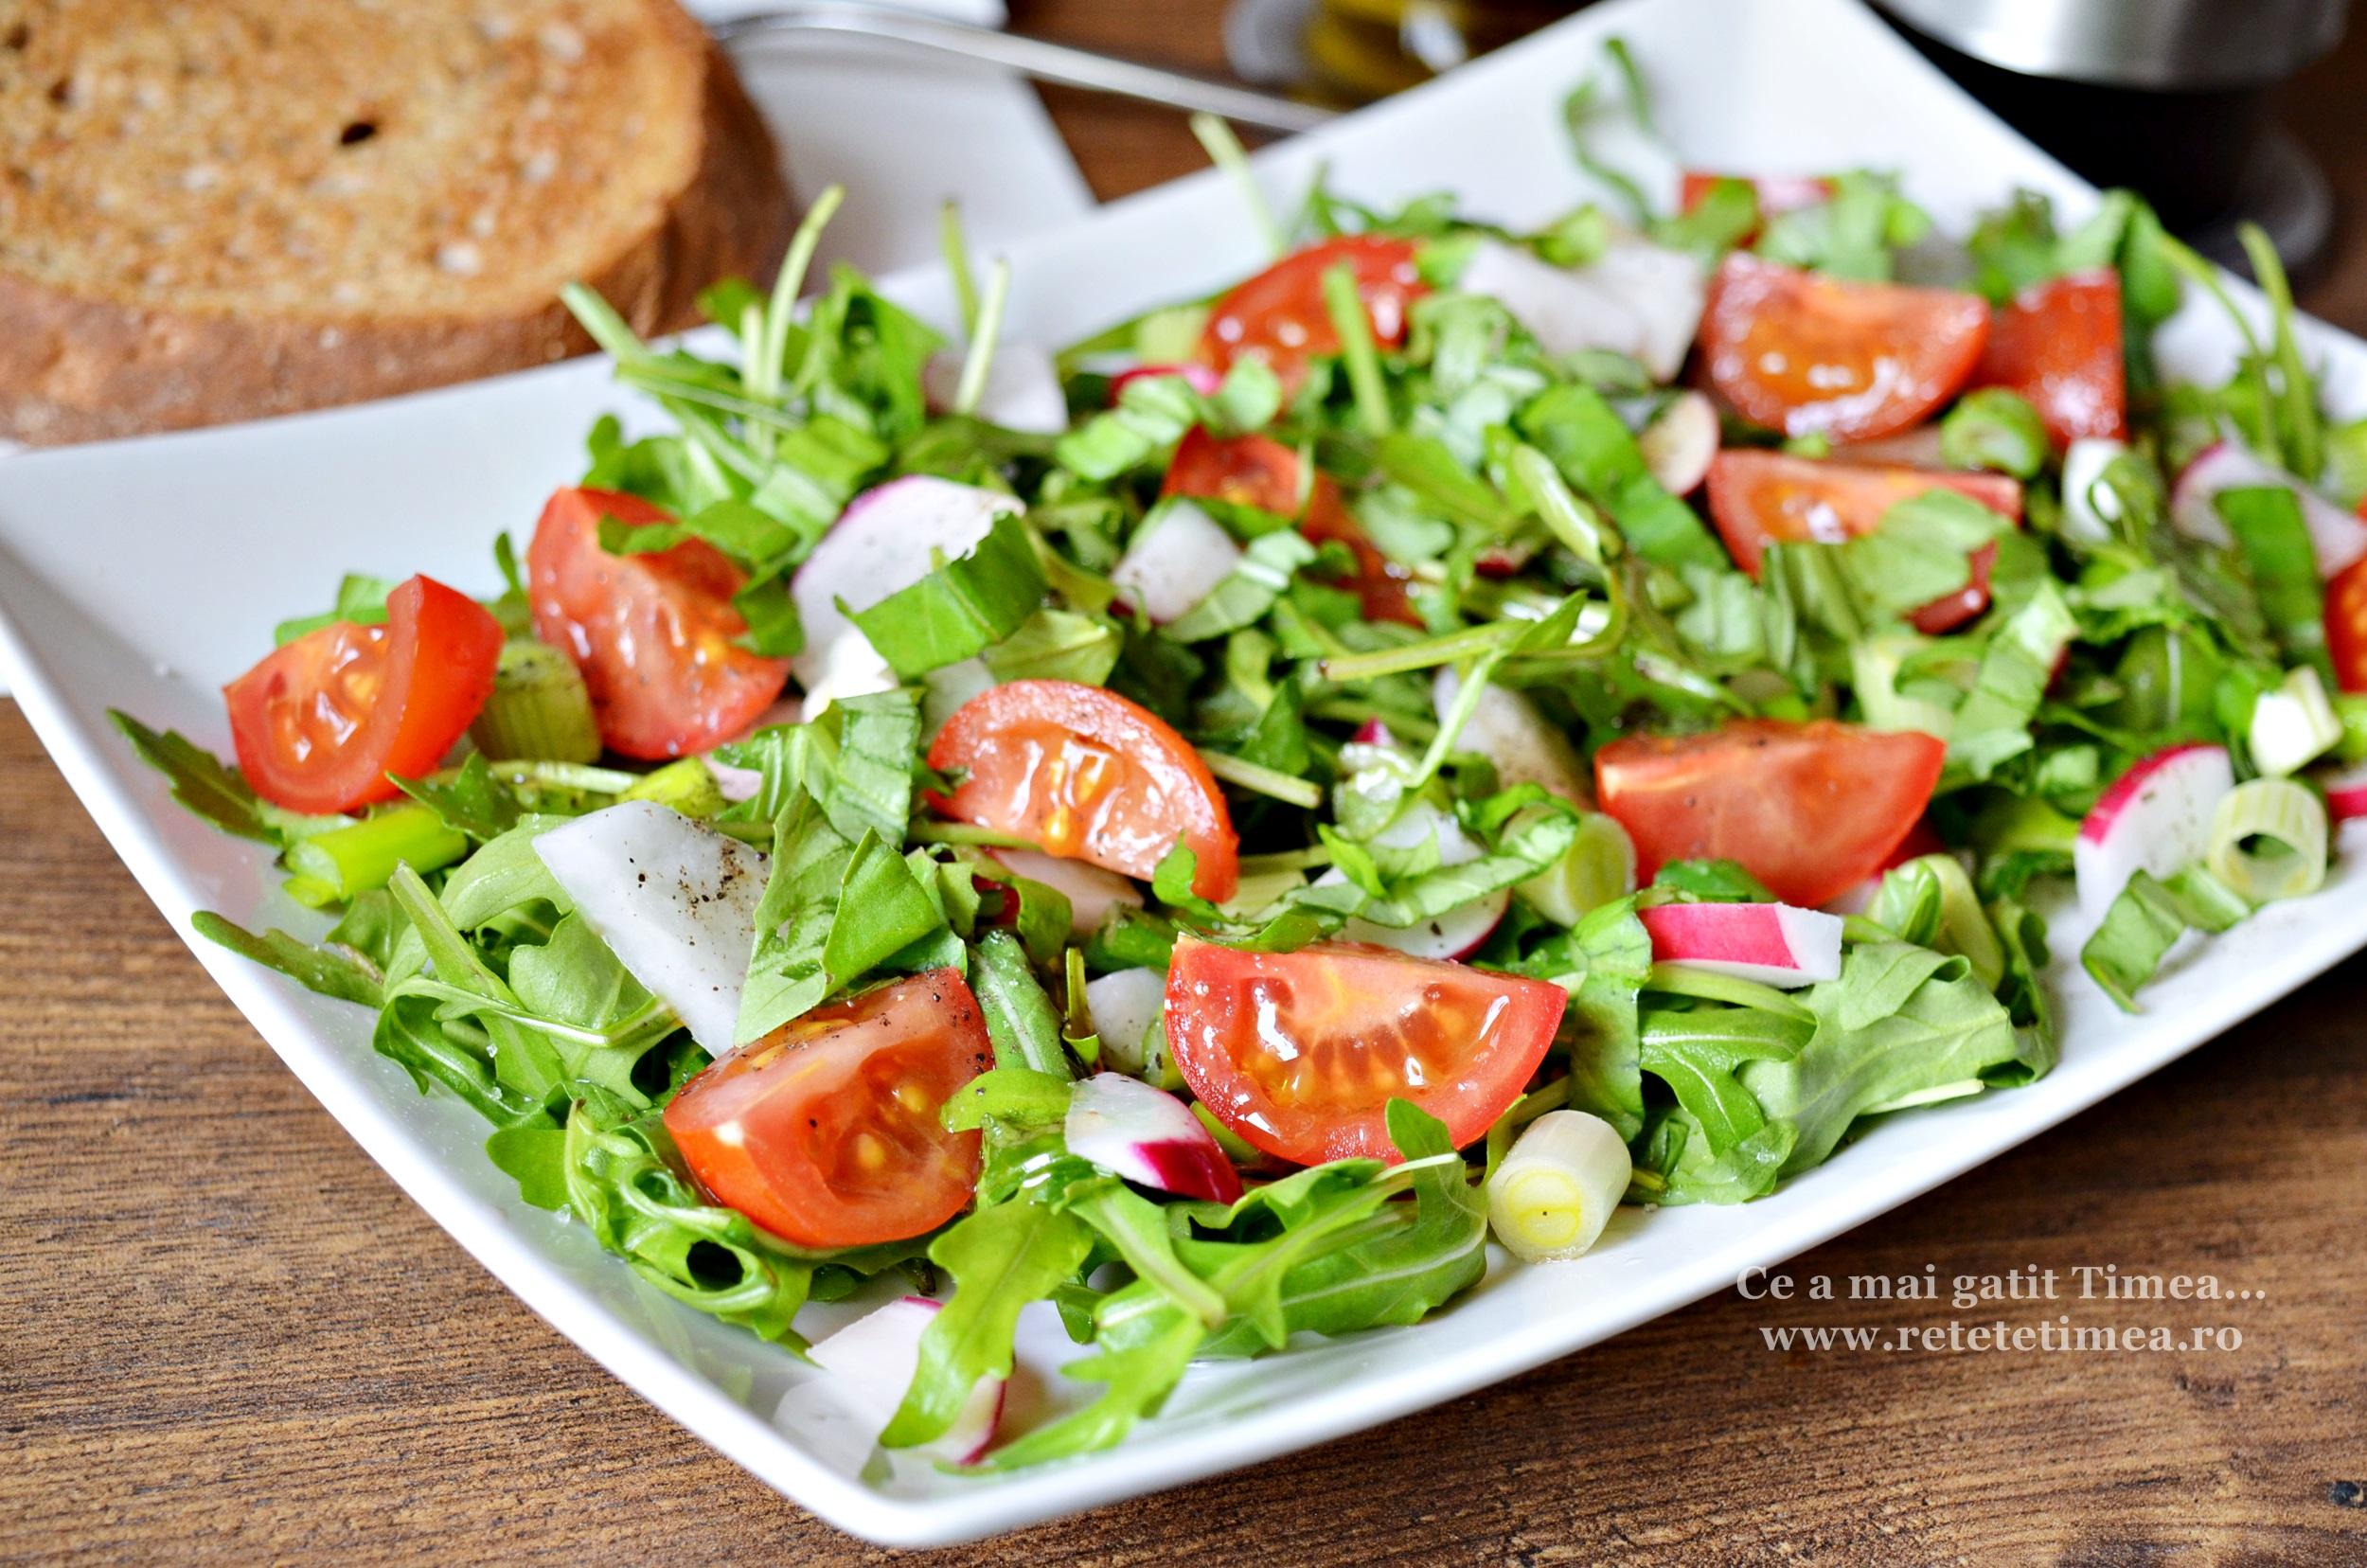 Salata de primavara cu rucola